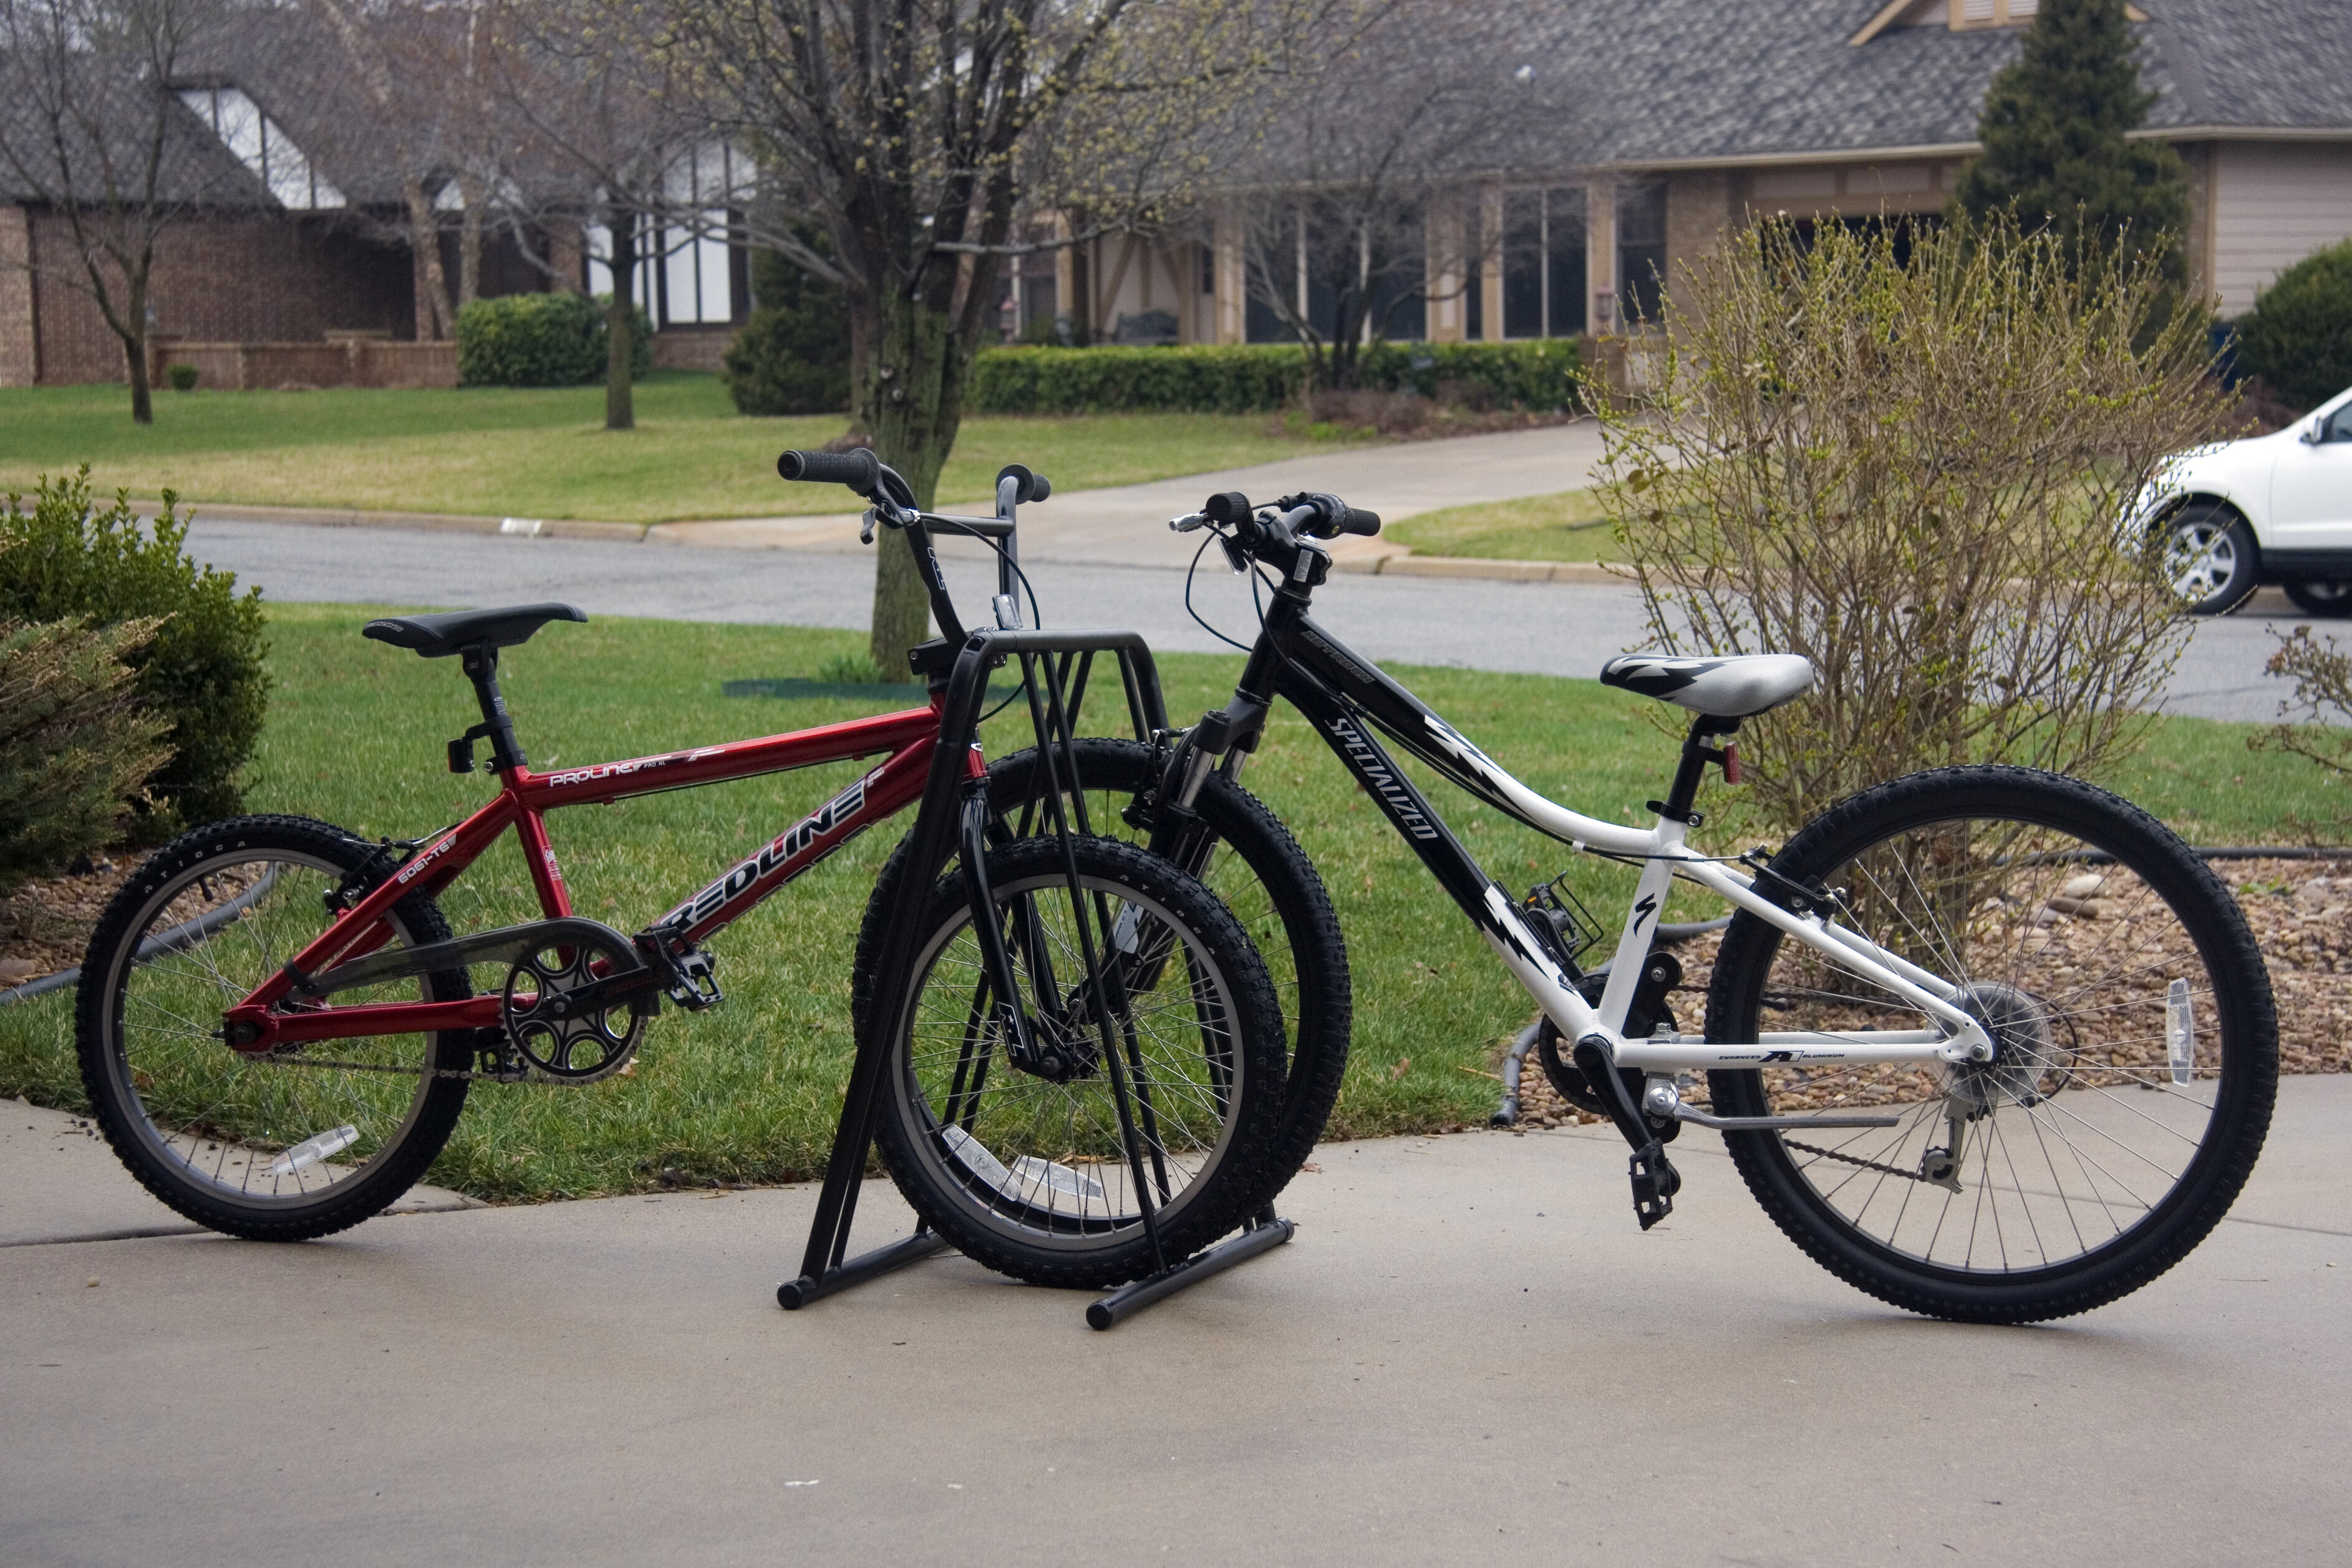 mounted sports walmart hitch com bike rack ip allen deluxe